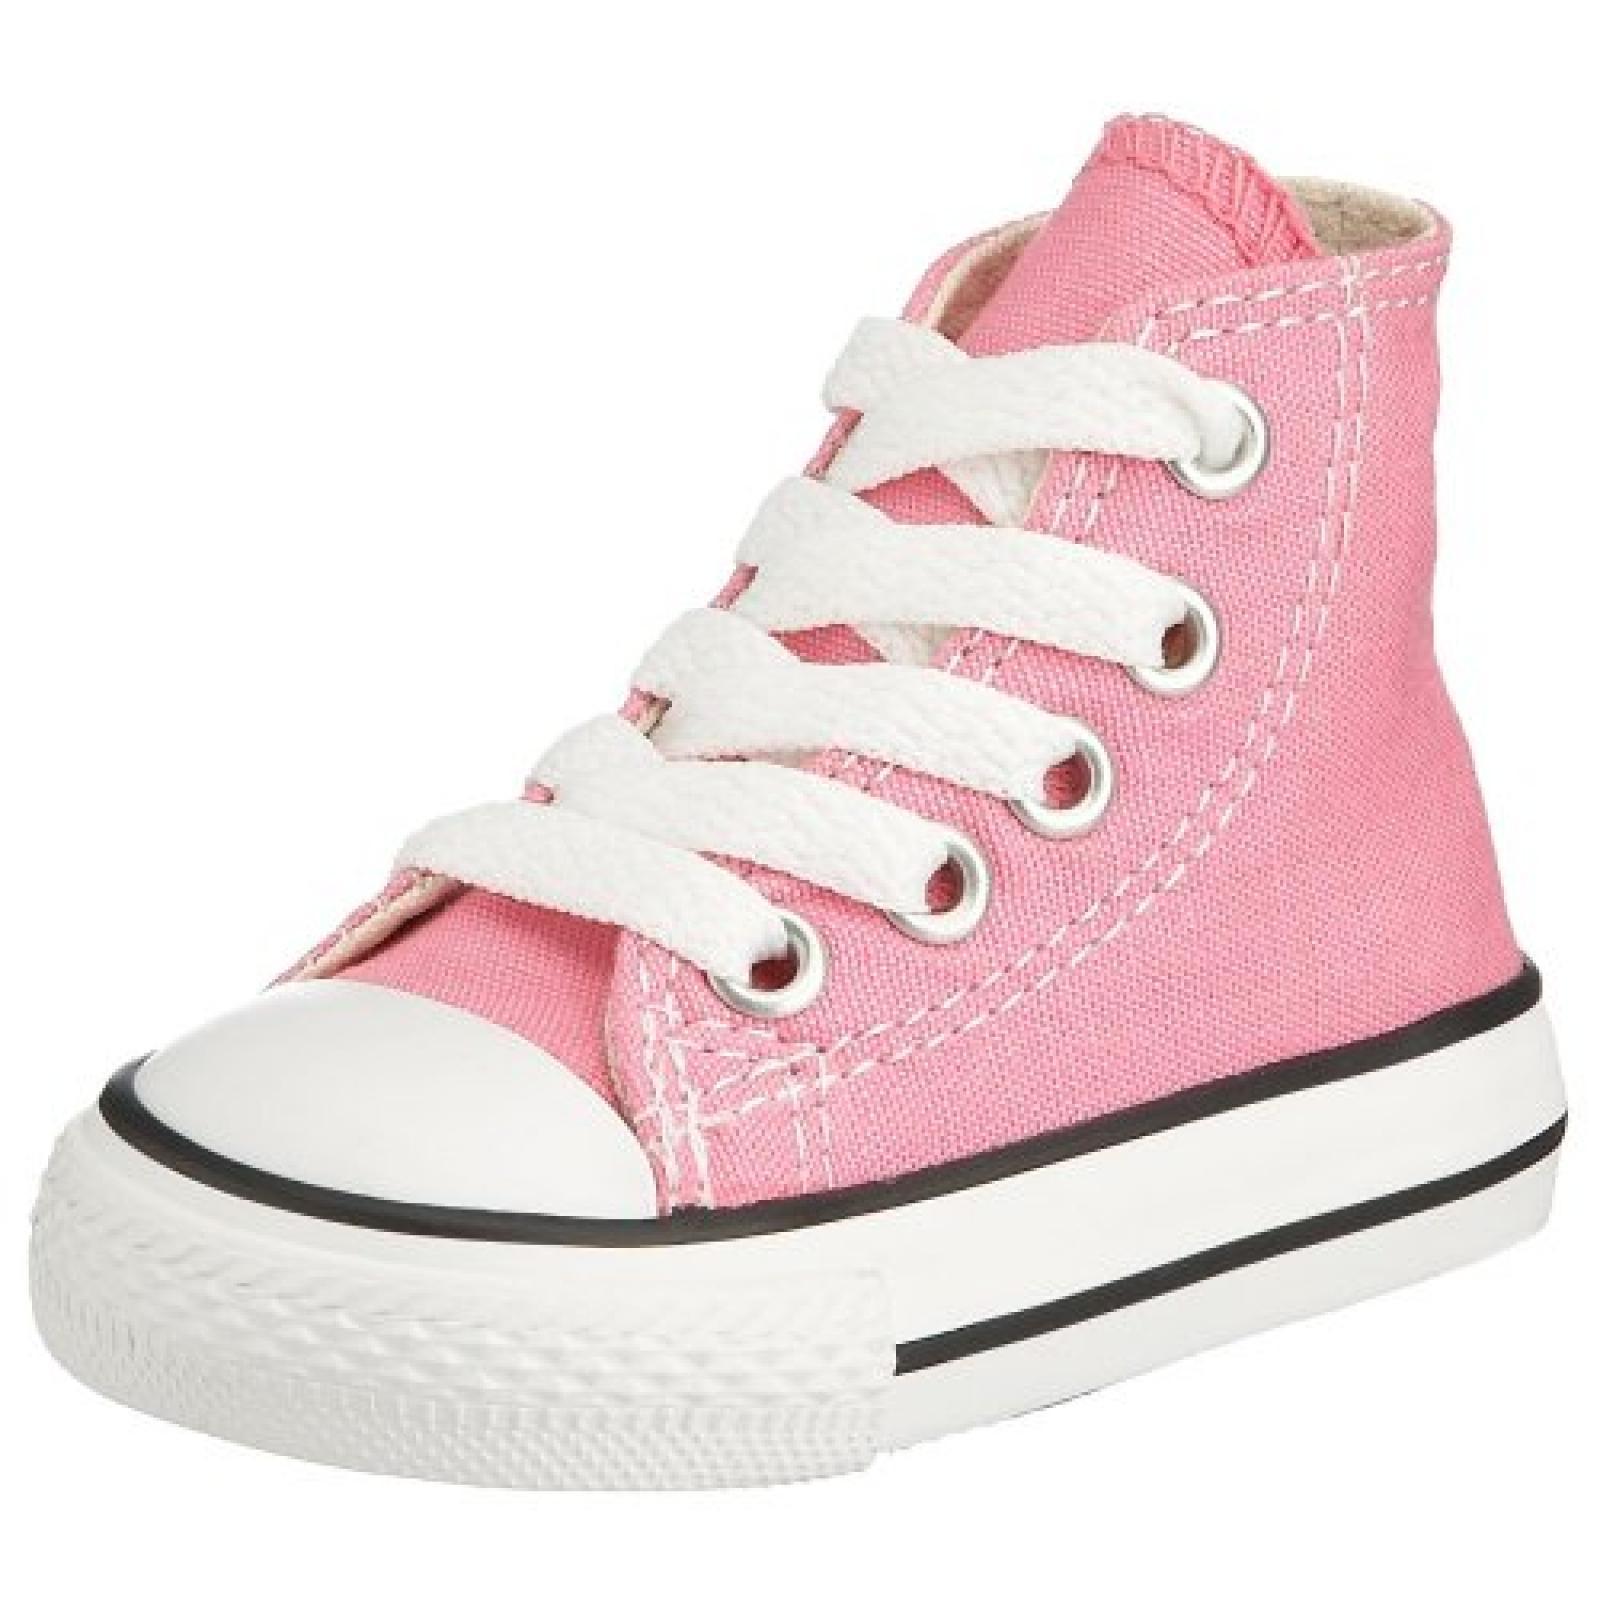 Converse Chucks 3J234 Pink hi